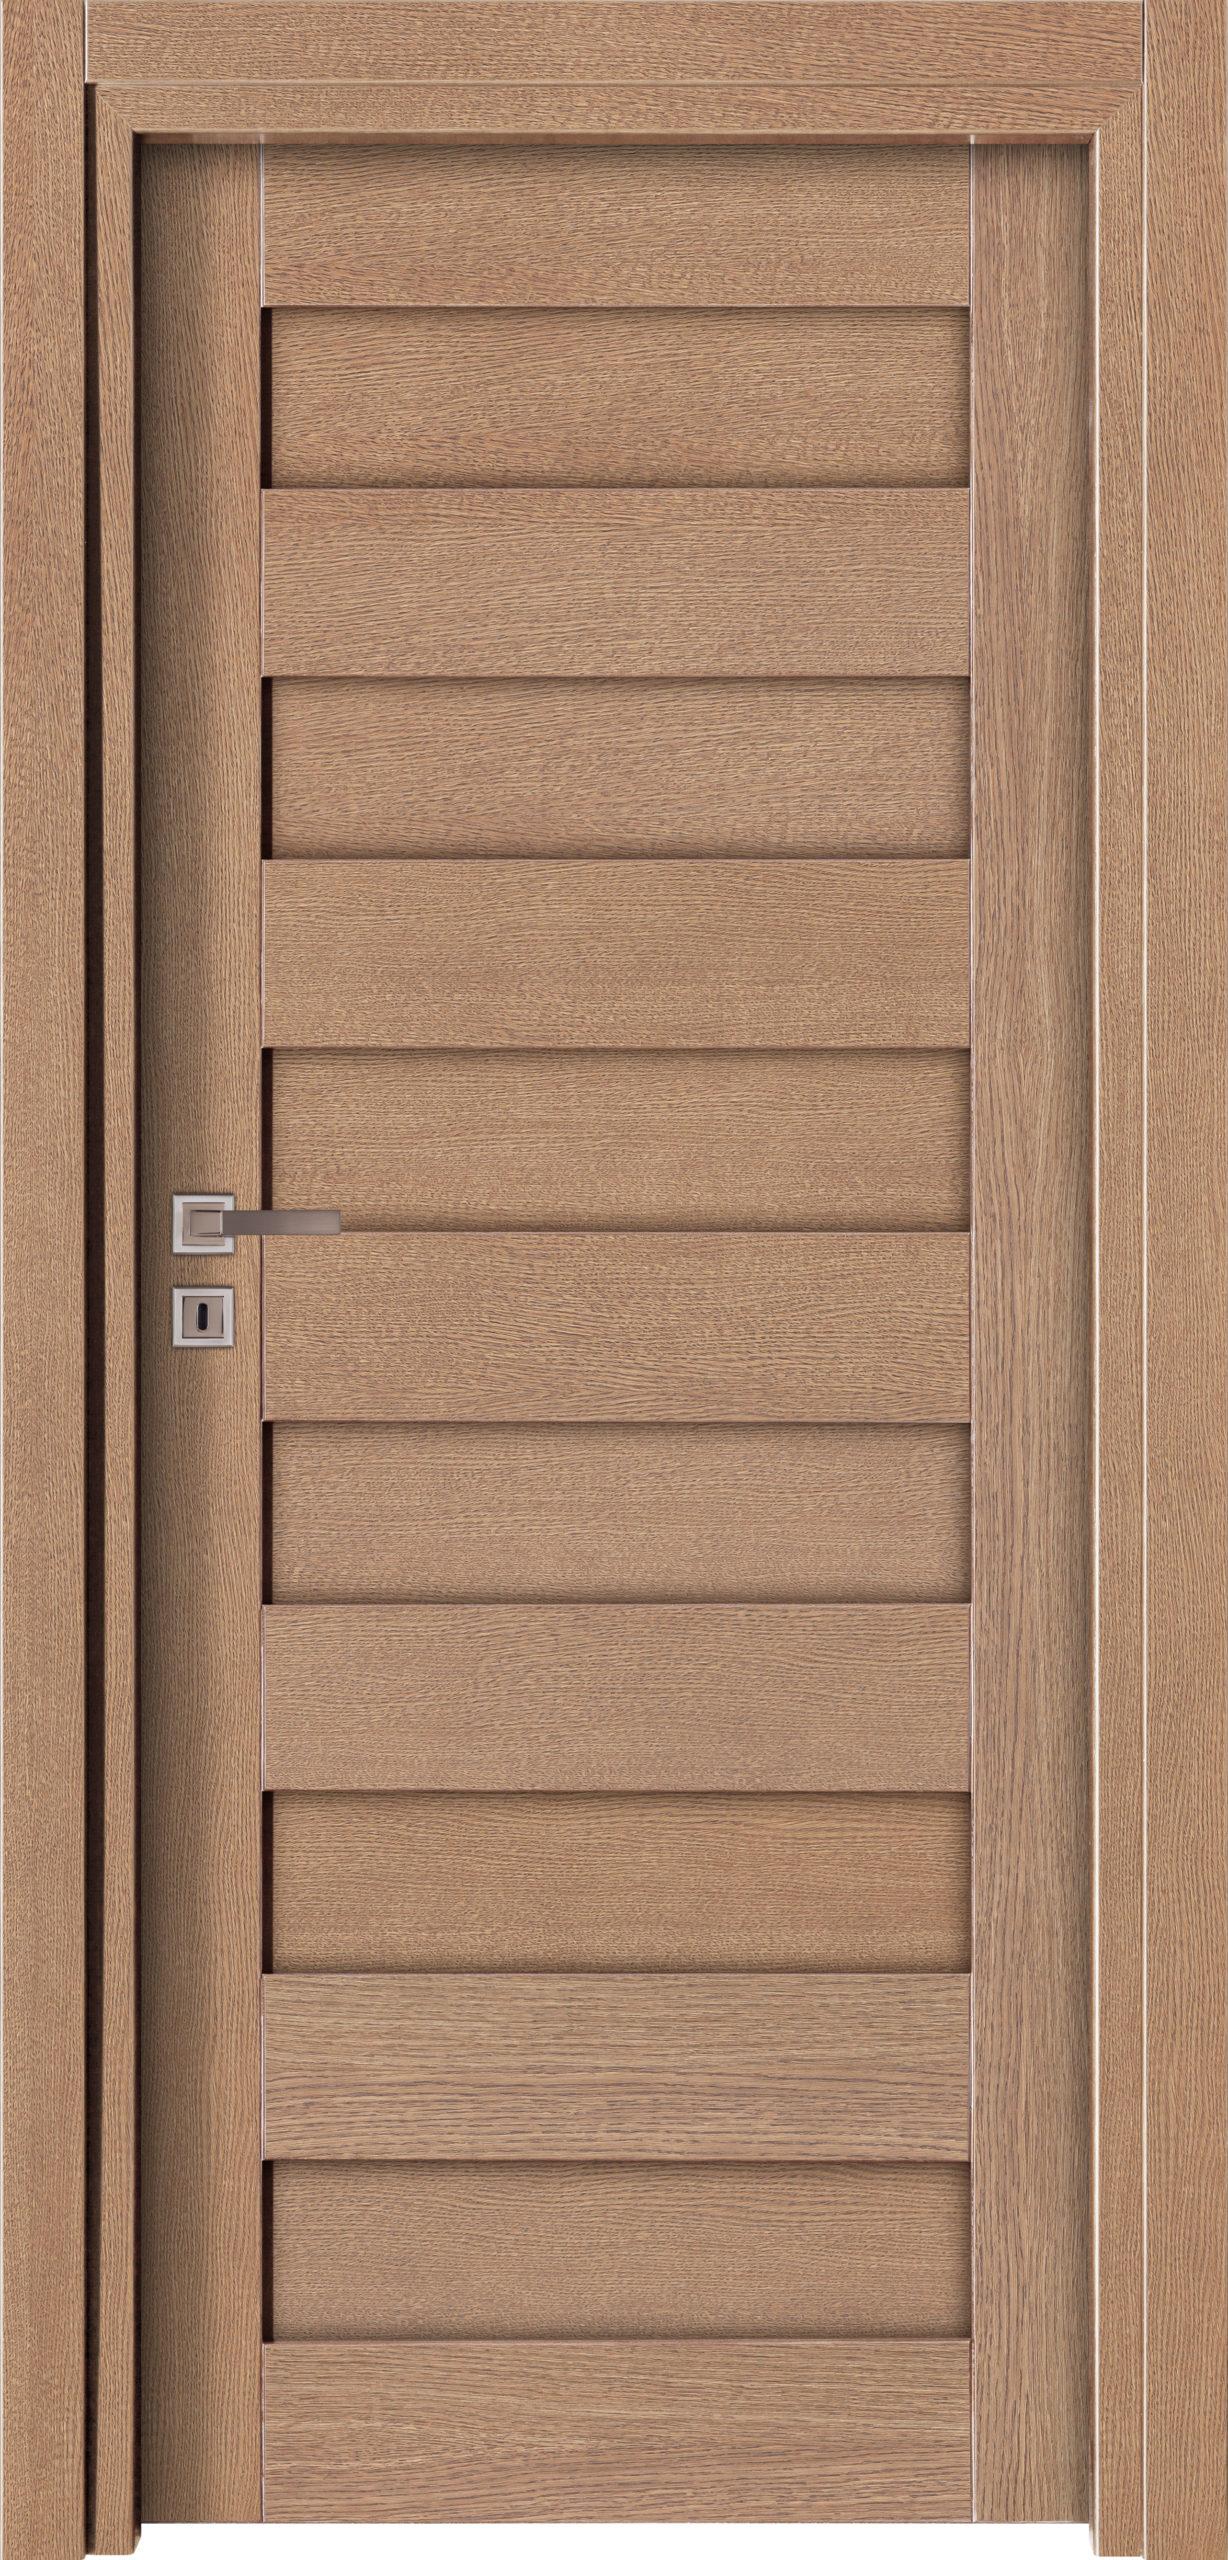 Vigo A1 - jesion - szary - ościeżnica przylgowa regulowana drewniana prosta (IIa)